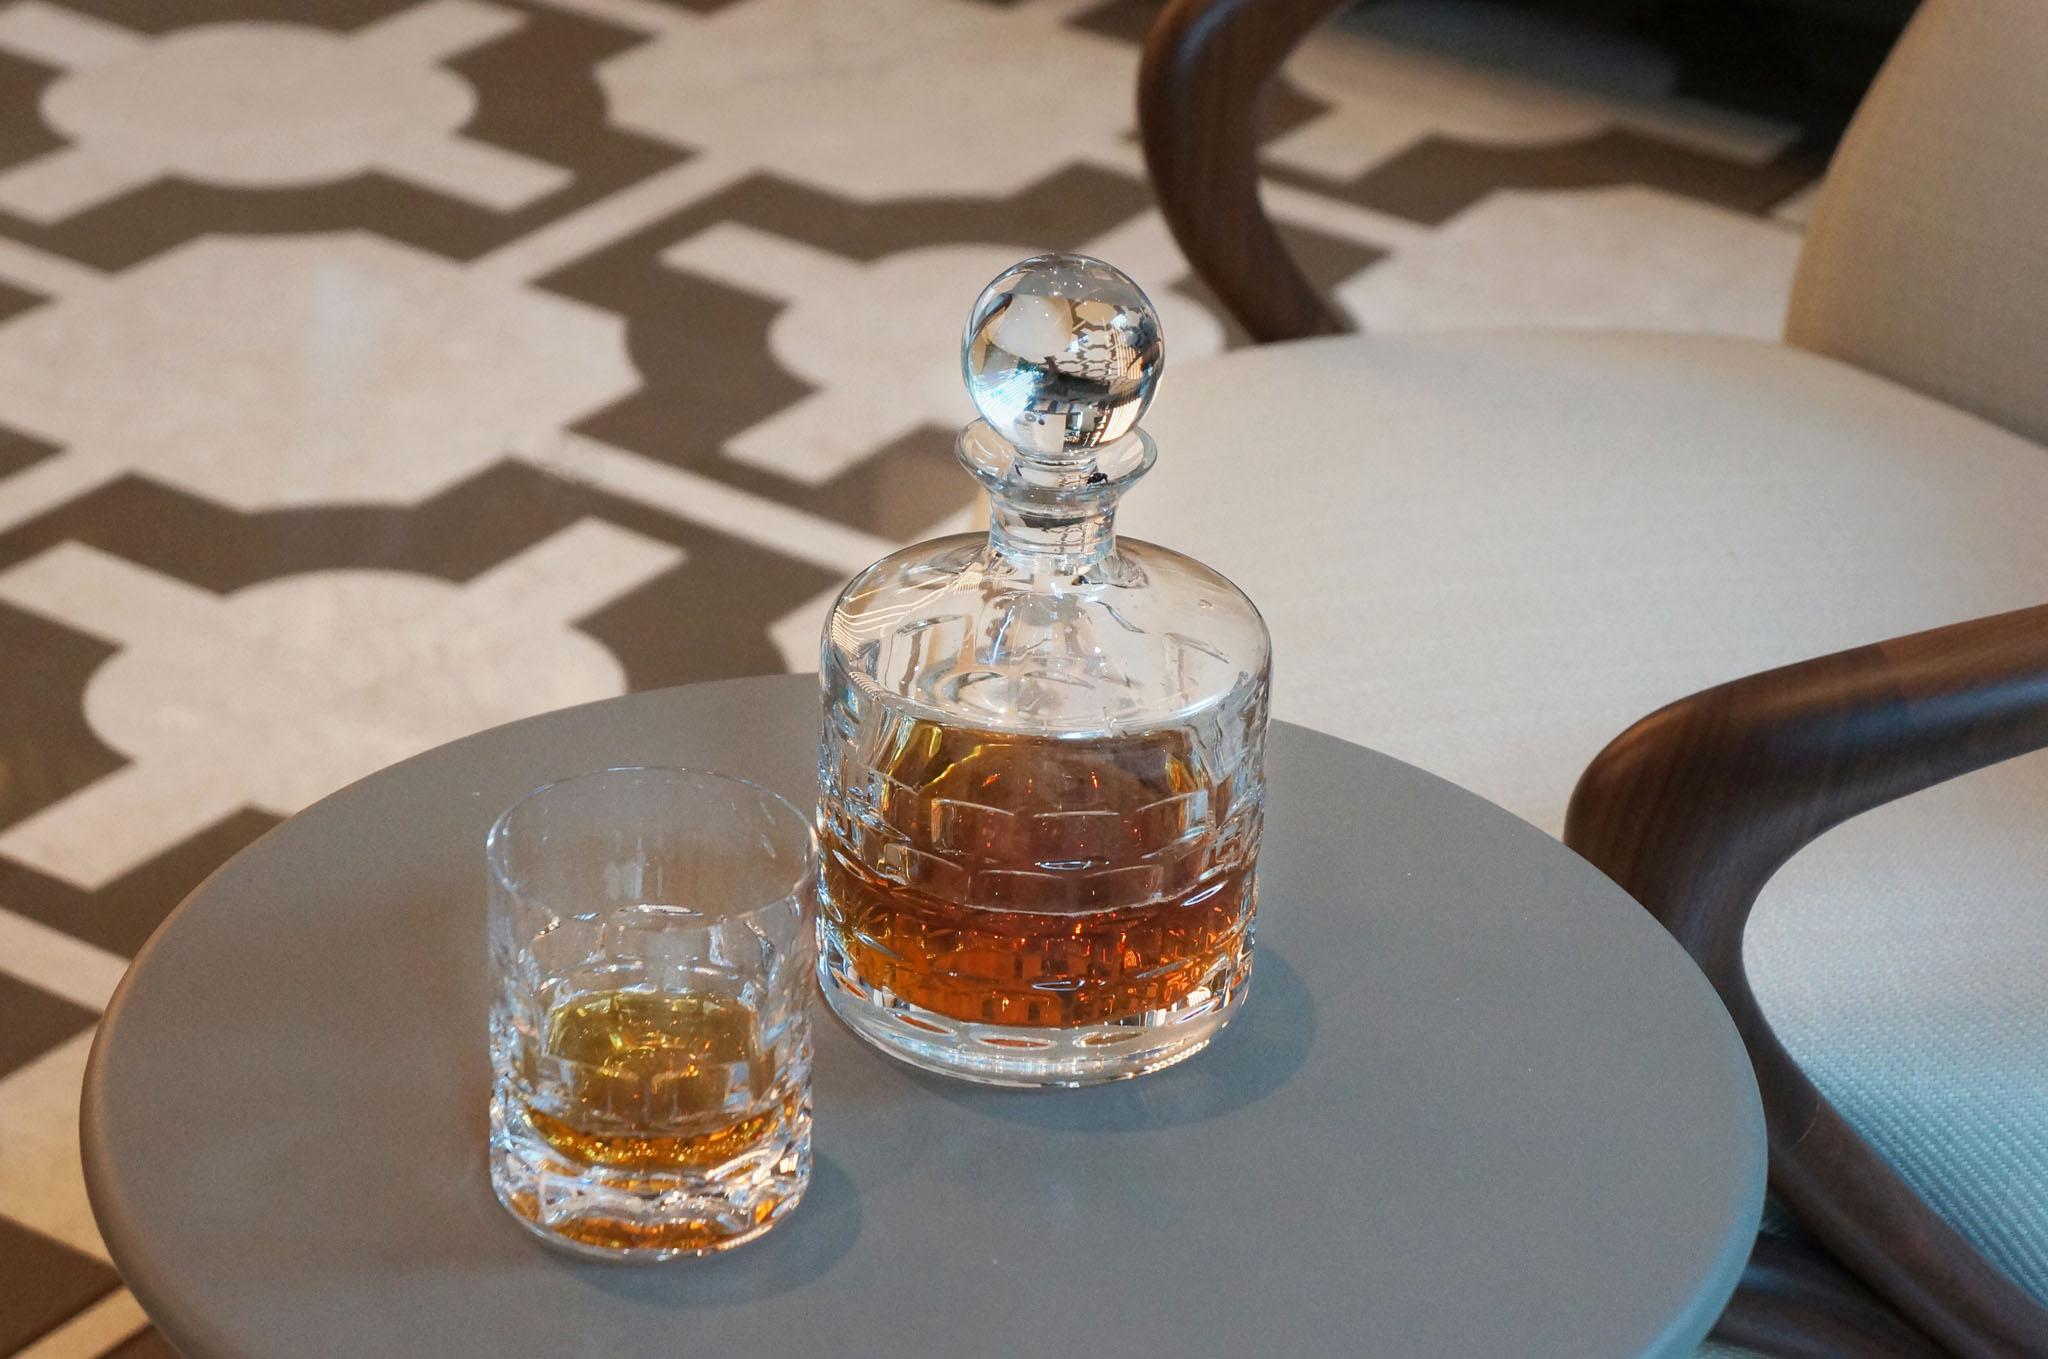 歐洲 ROGASKA 水晶玻璃 MAISON 紳品邁森 酒壼